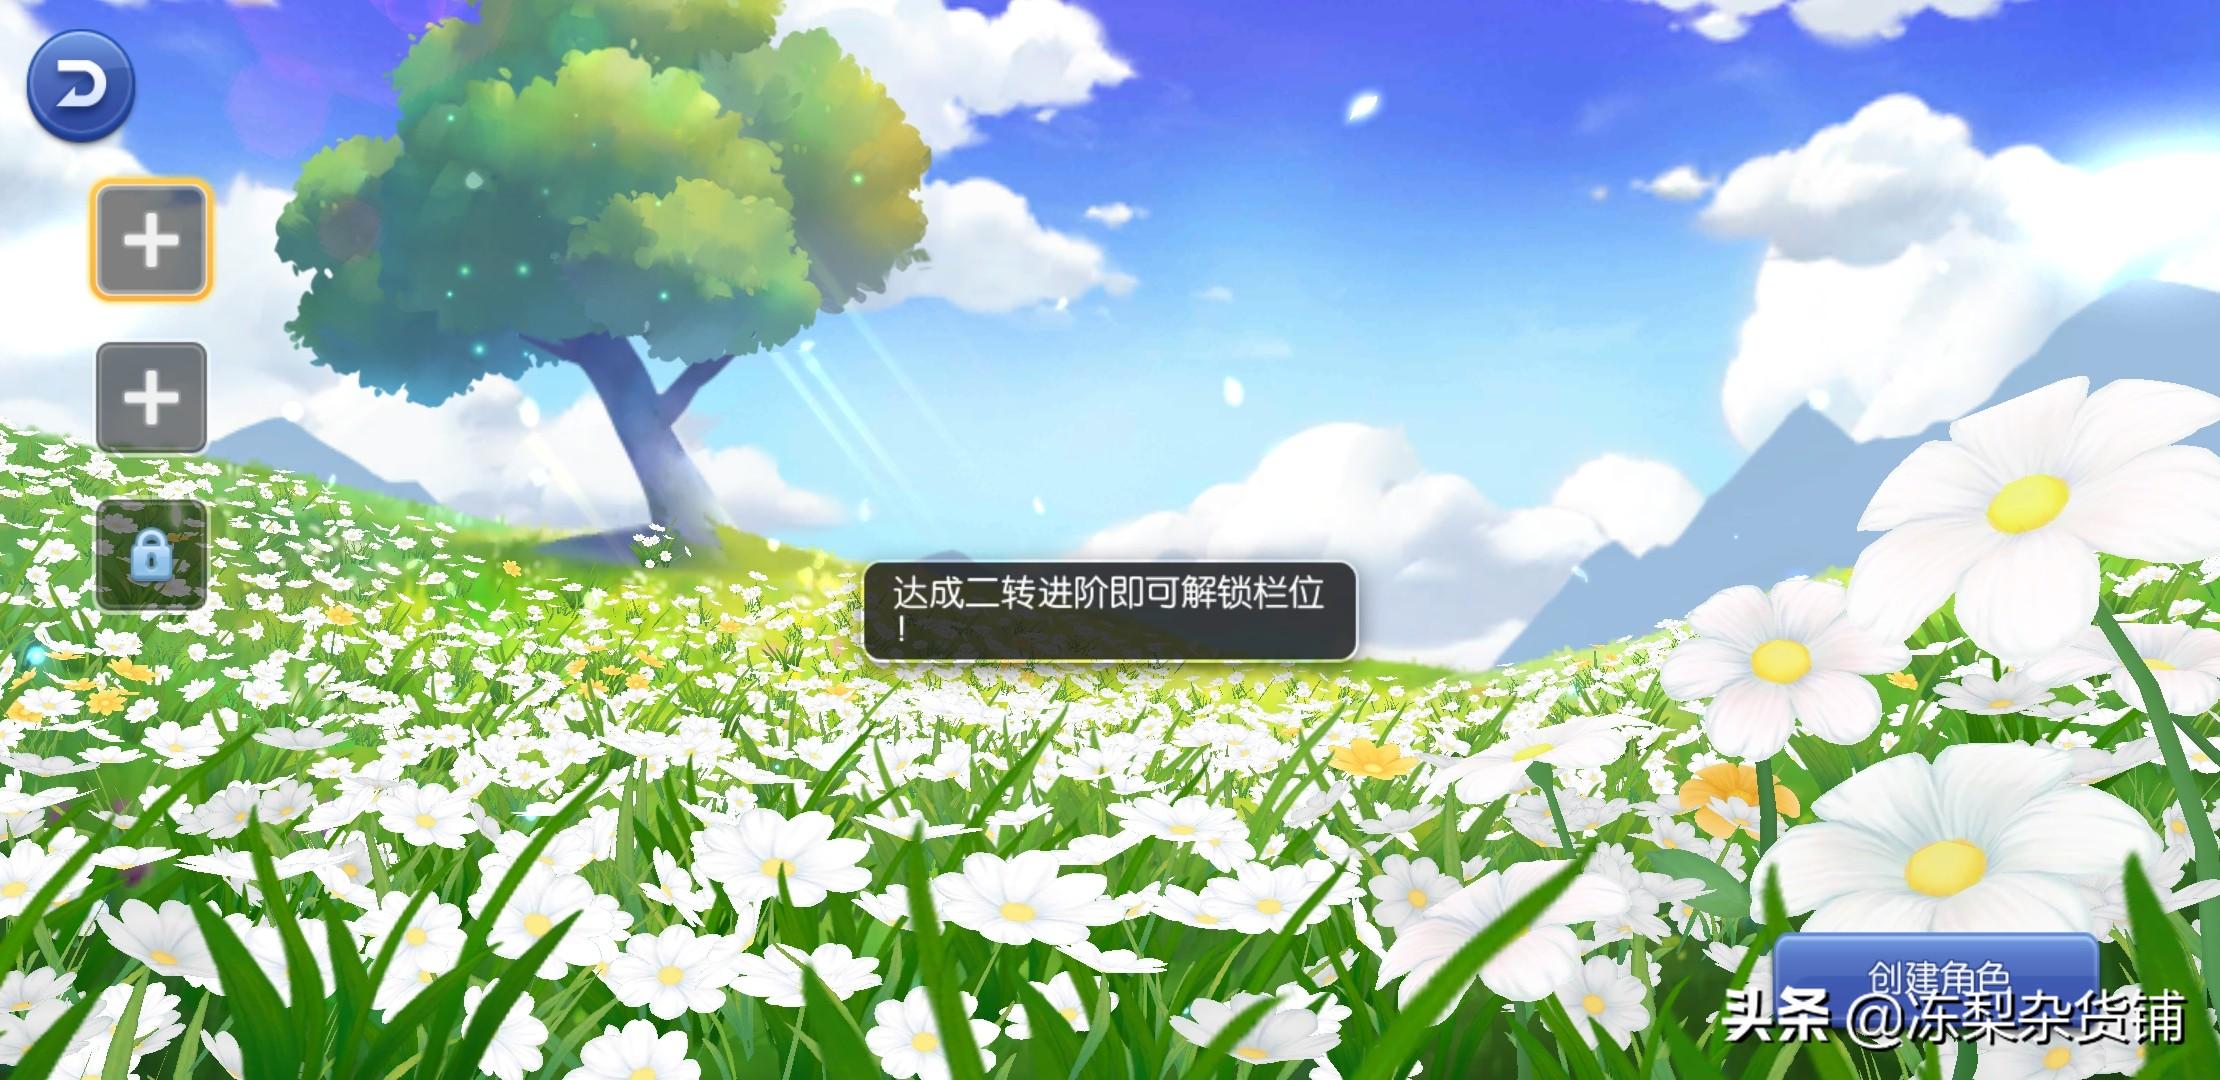 美好仙境传说小故事手游手机游戏RO:万标识符新手新手入门功略,领略到經典神密全世界